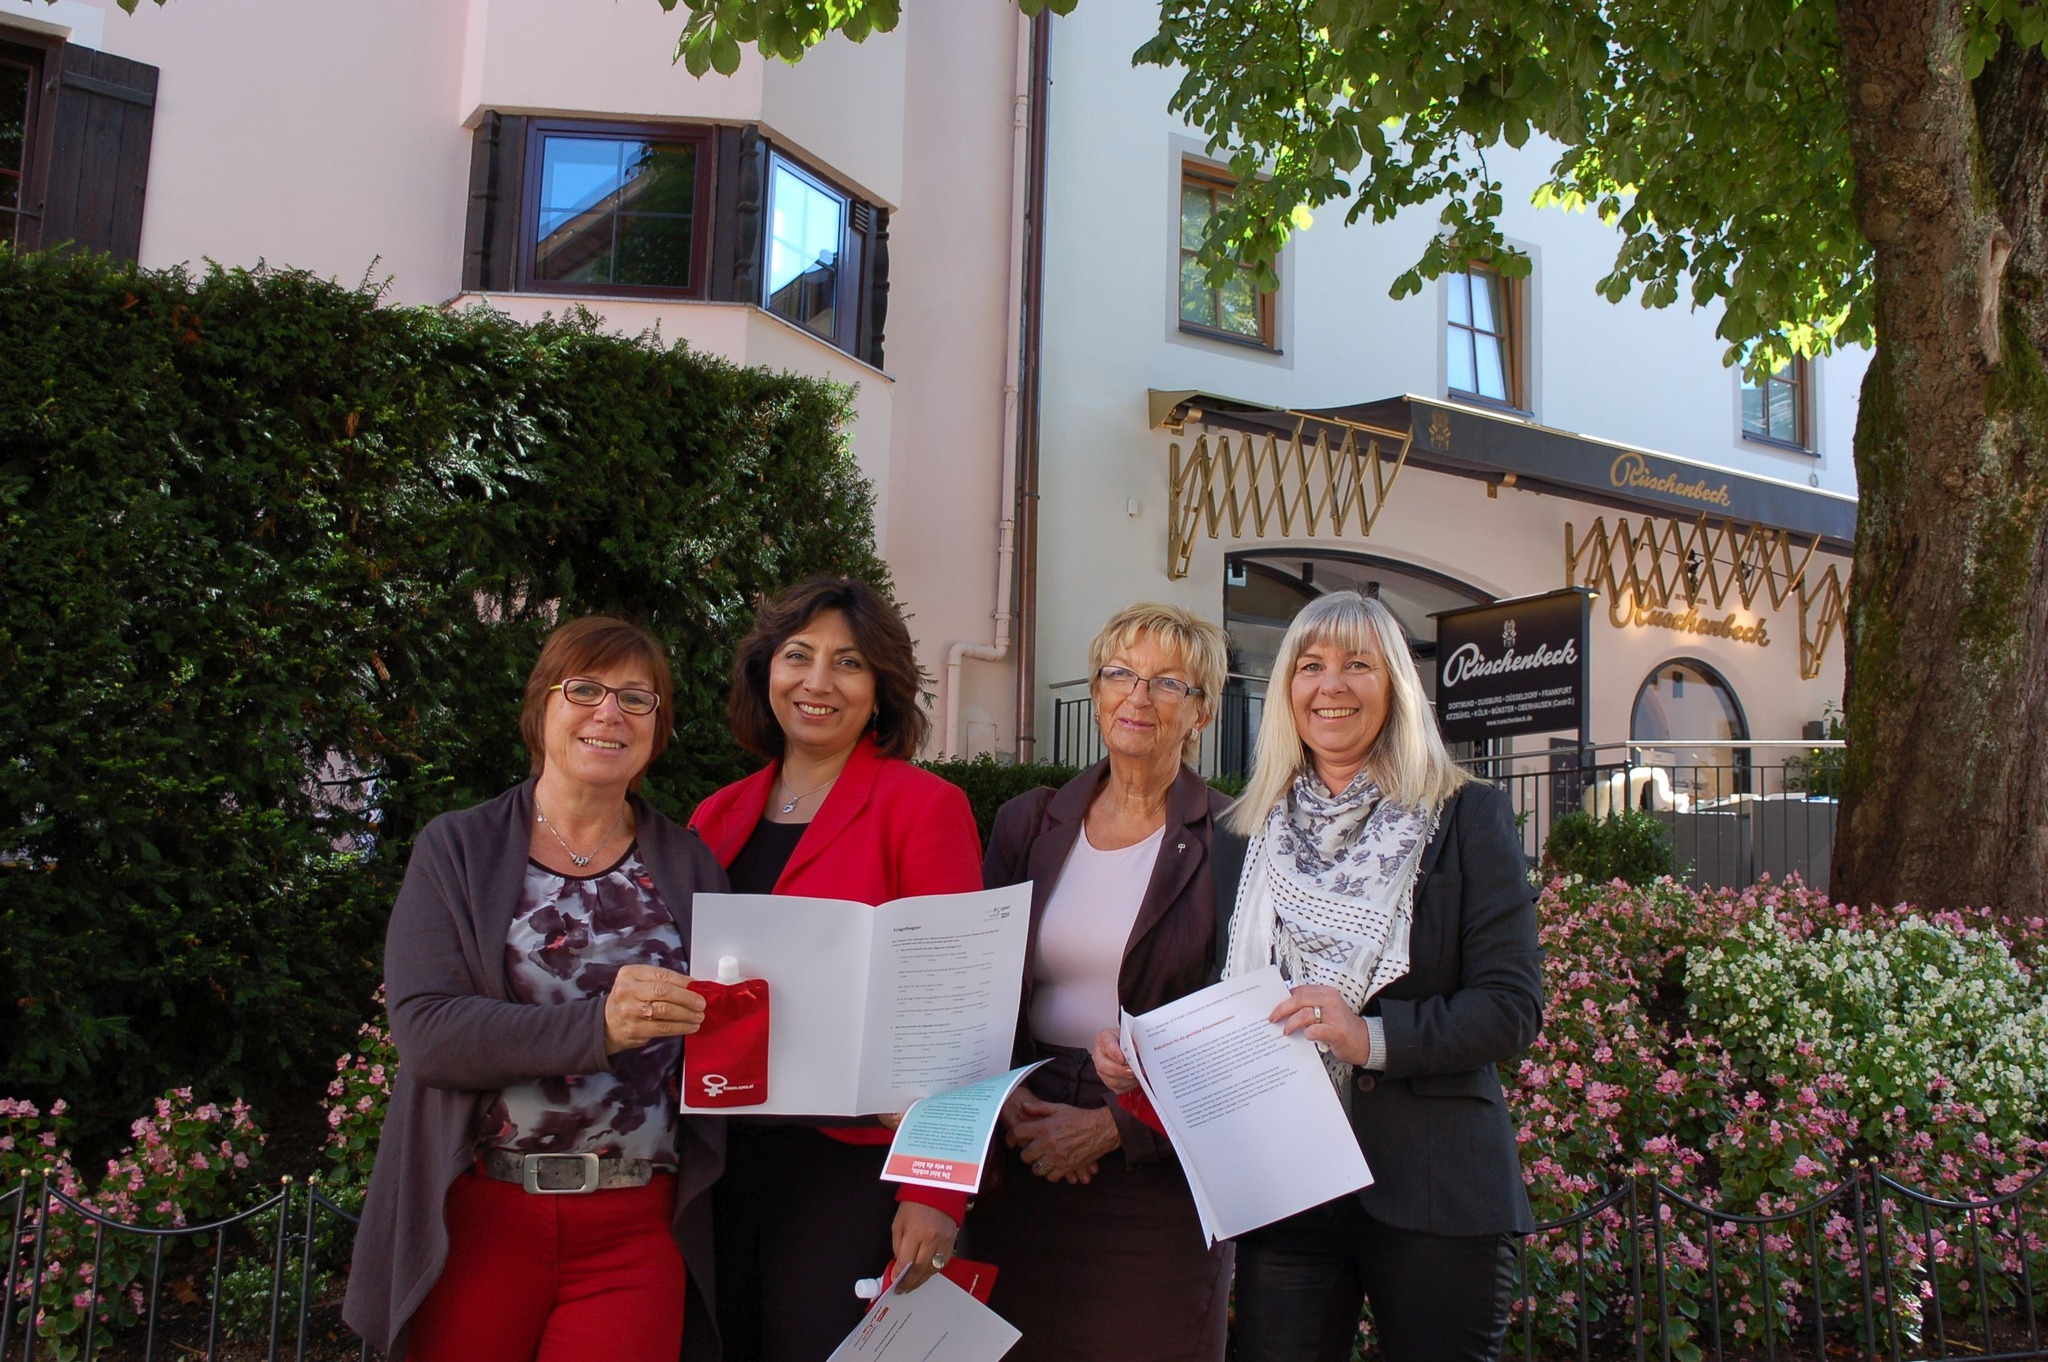 Frhstcks-Treffen fr Frauen - Kitzbhel - carolinavolksfolks.com